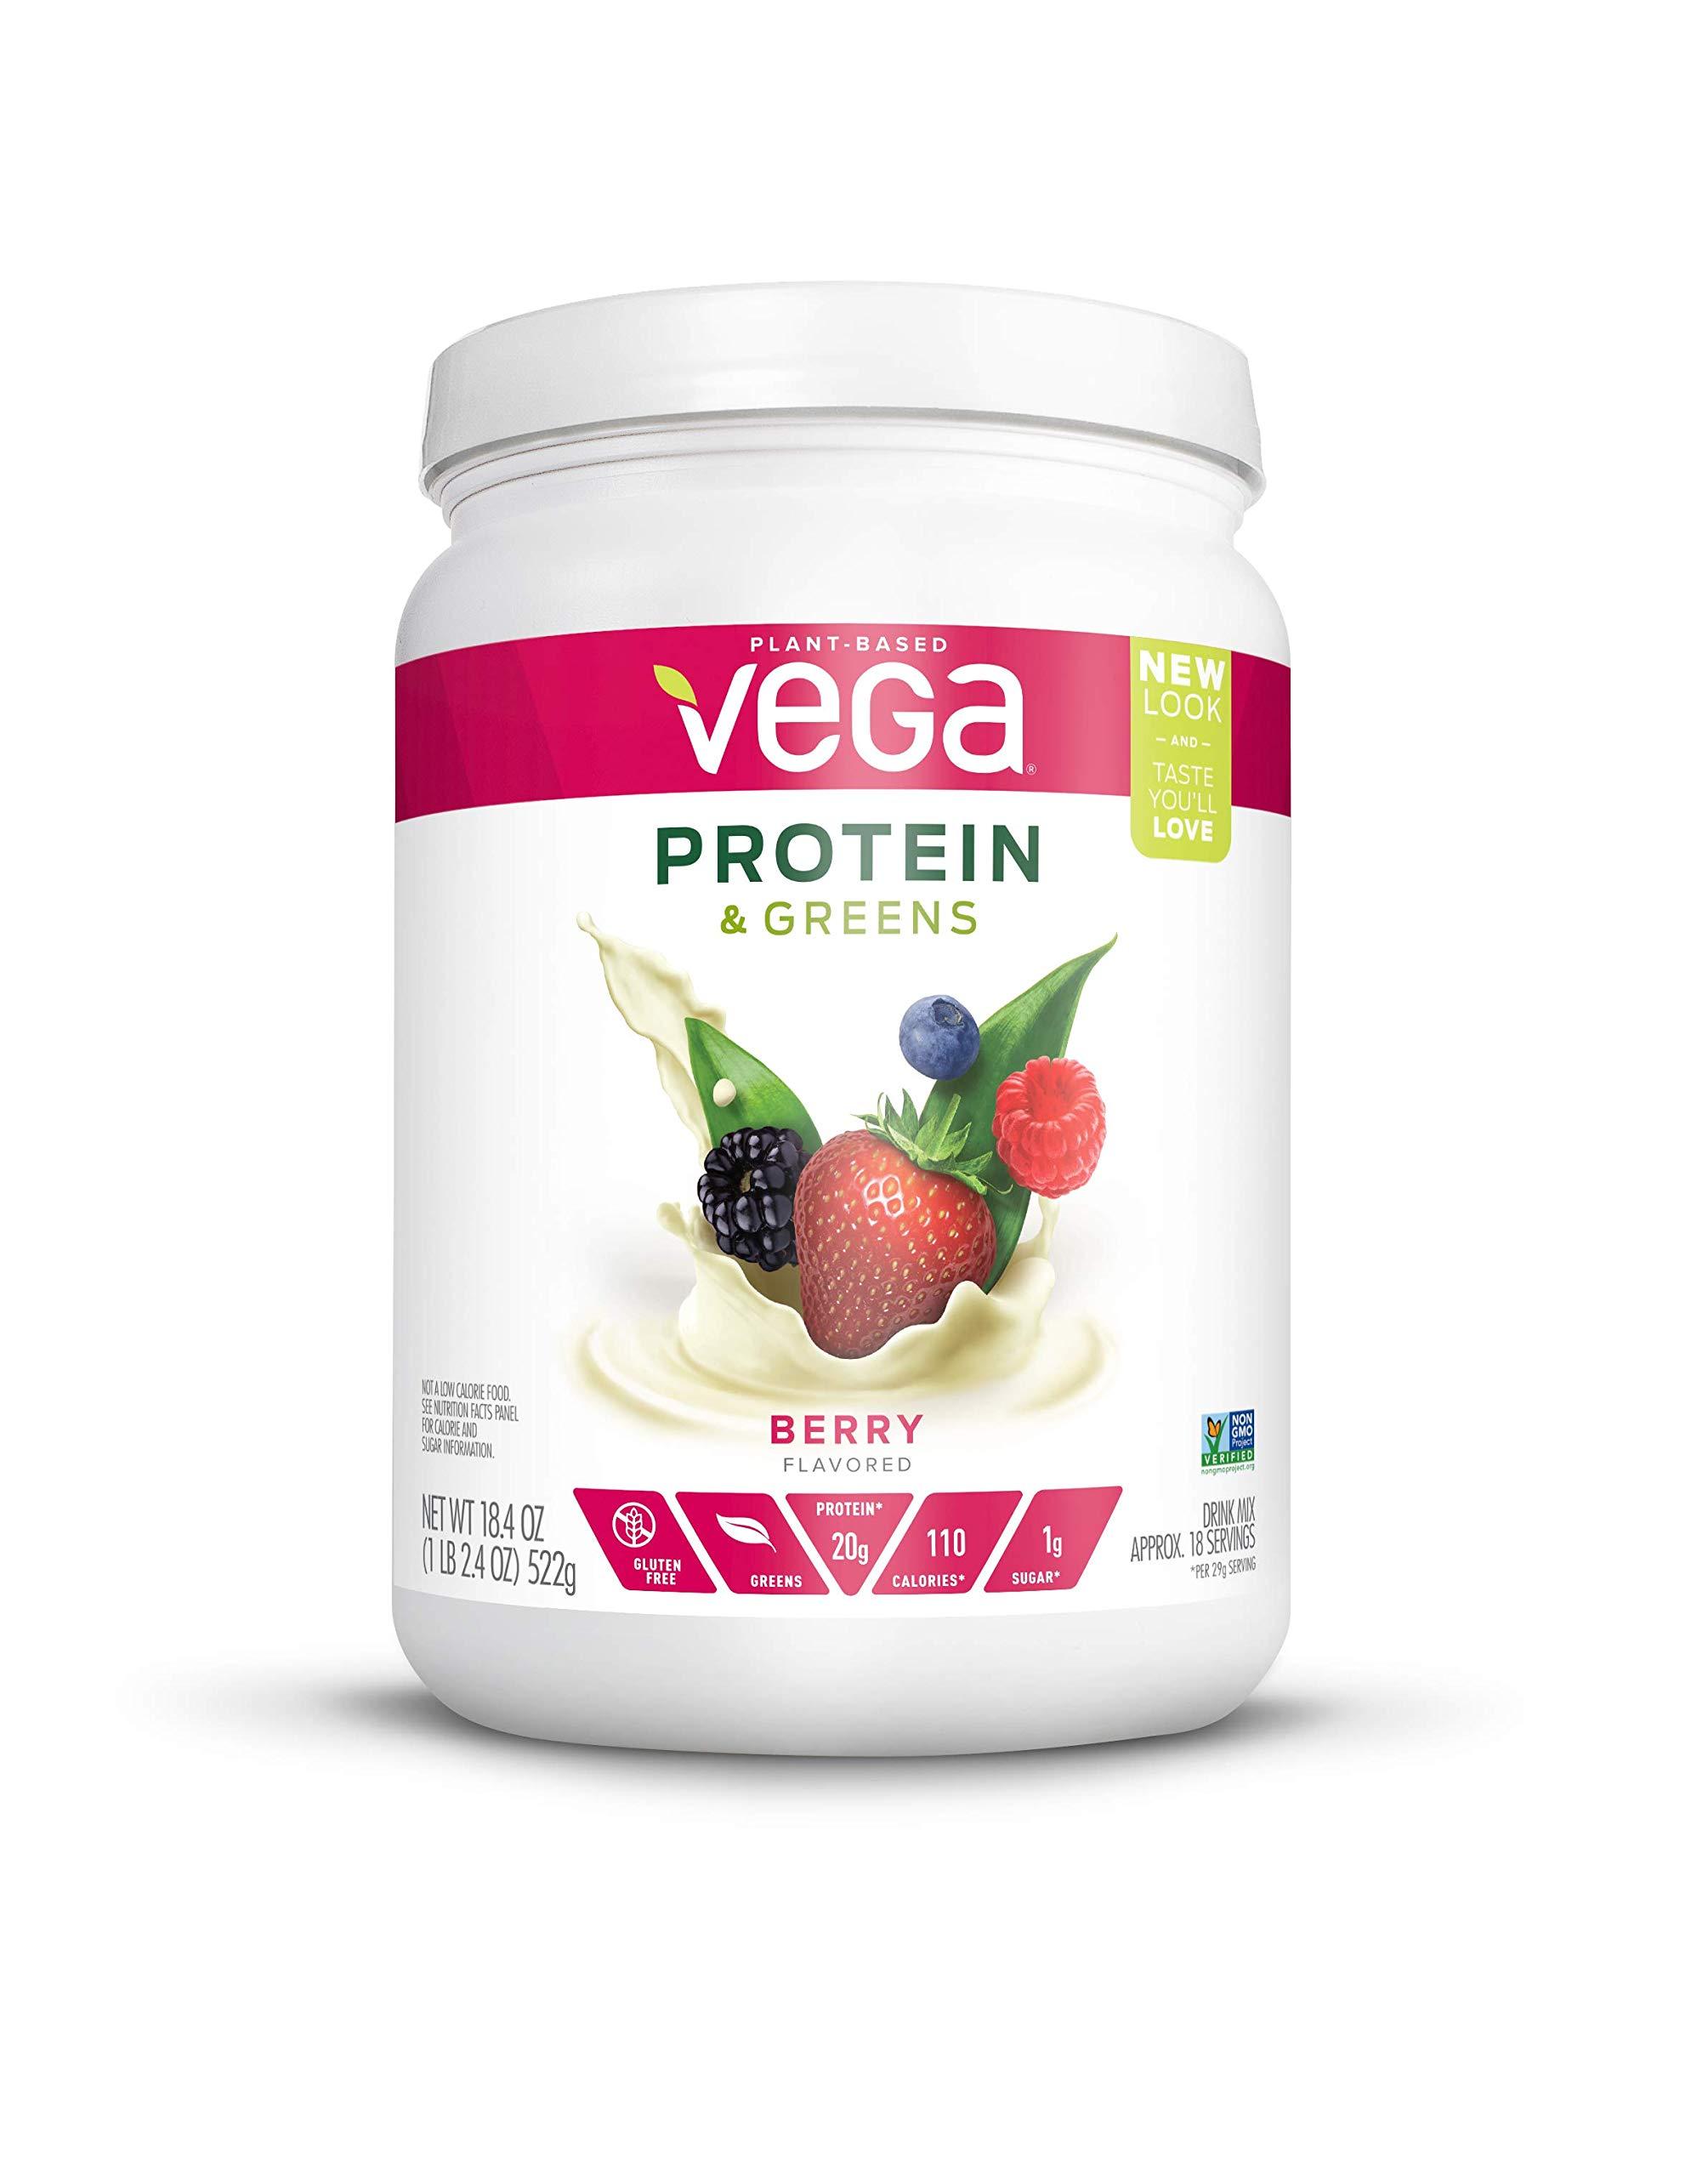 Vega Protein & Greens Tub Powder Berry 18.4 Ounce - Plant Based Protein Powder, Gluten Free, Non Dairy, Vegan, Non Soy, Non GMO by VEGA